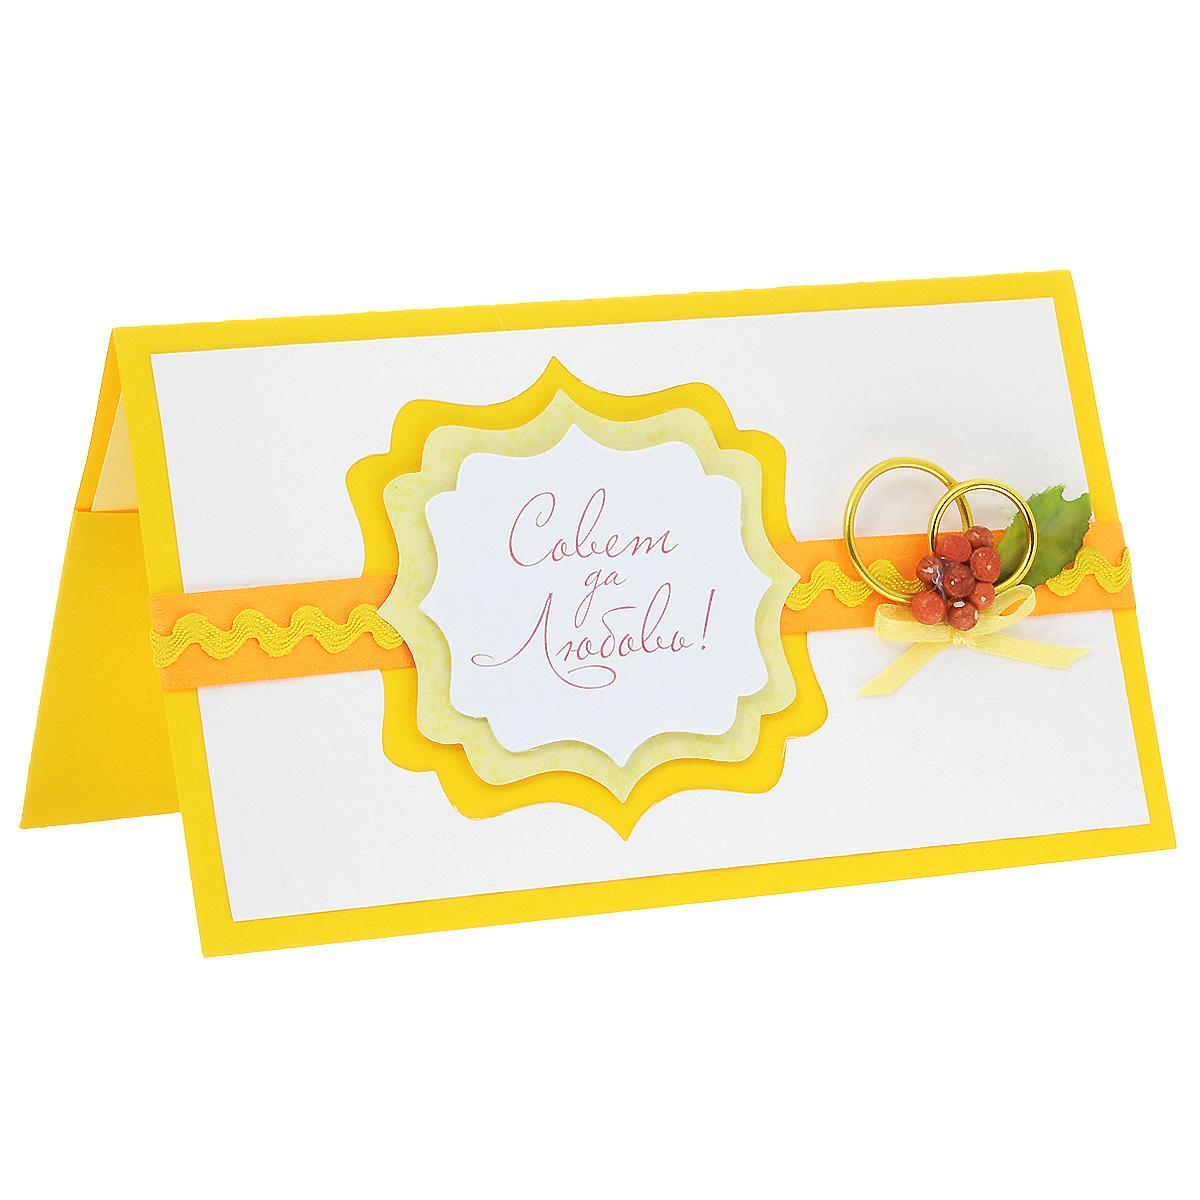 ОСВ-0004 Открытка-конверт «Совет да Любовь!» (стандарт, оранжеввая). Студия «Тётя Роза»67454Характеристики: Размер 19 см x 11 см.Материал: Высоко-художественный картон, бумага, декор. Данная открытка может стать как прекрасным дополнением к вашему подарку, так и самостоятельным подарком. Так как открытка является и конвертом, в который вы можете вложить ваш денежный подарок или просто написать ваши пожелания на вкладыше. Конверт для поздравления молодоженов отличается своей яркостью. Основная надпись выделяется послойно над общим фоном на выразительной резной табличке. Обручальные кольца, расположенные на капроновой ленте, декорированы цветами и ягодами. На основной части конверта нанесено тиснение «сердечки». Также открытка упакована в пакетик для сохранности.Обращаем Ваше внимание на то, что открытка может незначительно отличаться от представленной на фото.Открытки ручной работы от студии Тётя Роза отличаются своим неповторимым и ярким стилем. Каждая уникальна и выполнена вручную мастерами студии. (Открытка для мужчин, открытка для женщины, открытка на день рождения, открытка с днем свадьбы, открытка винтаж, открытка с юбилеем, открытка на все случаи, скрапбукинг)